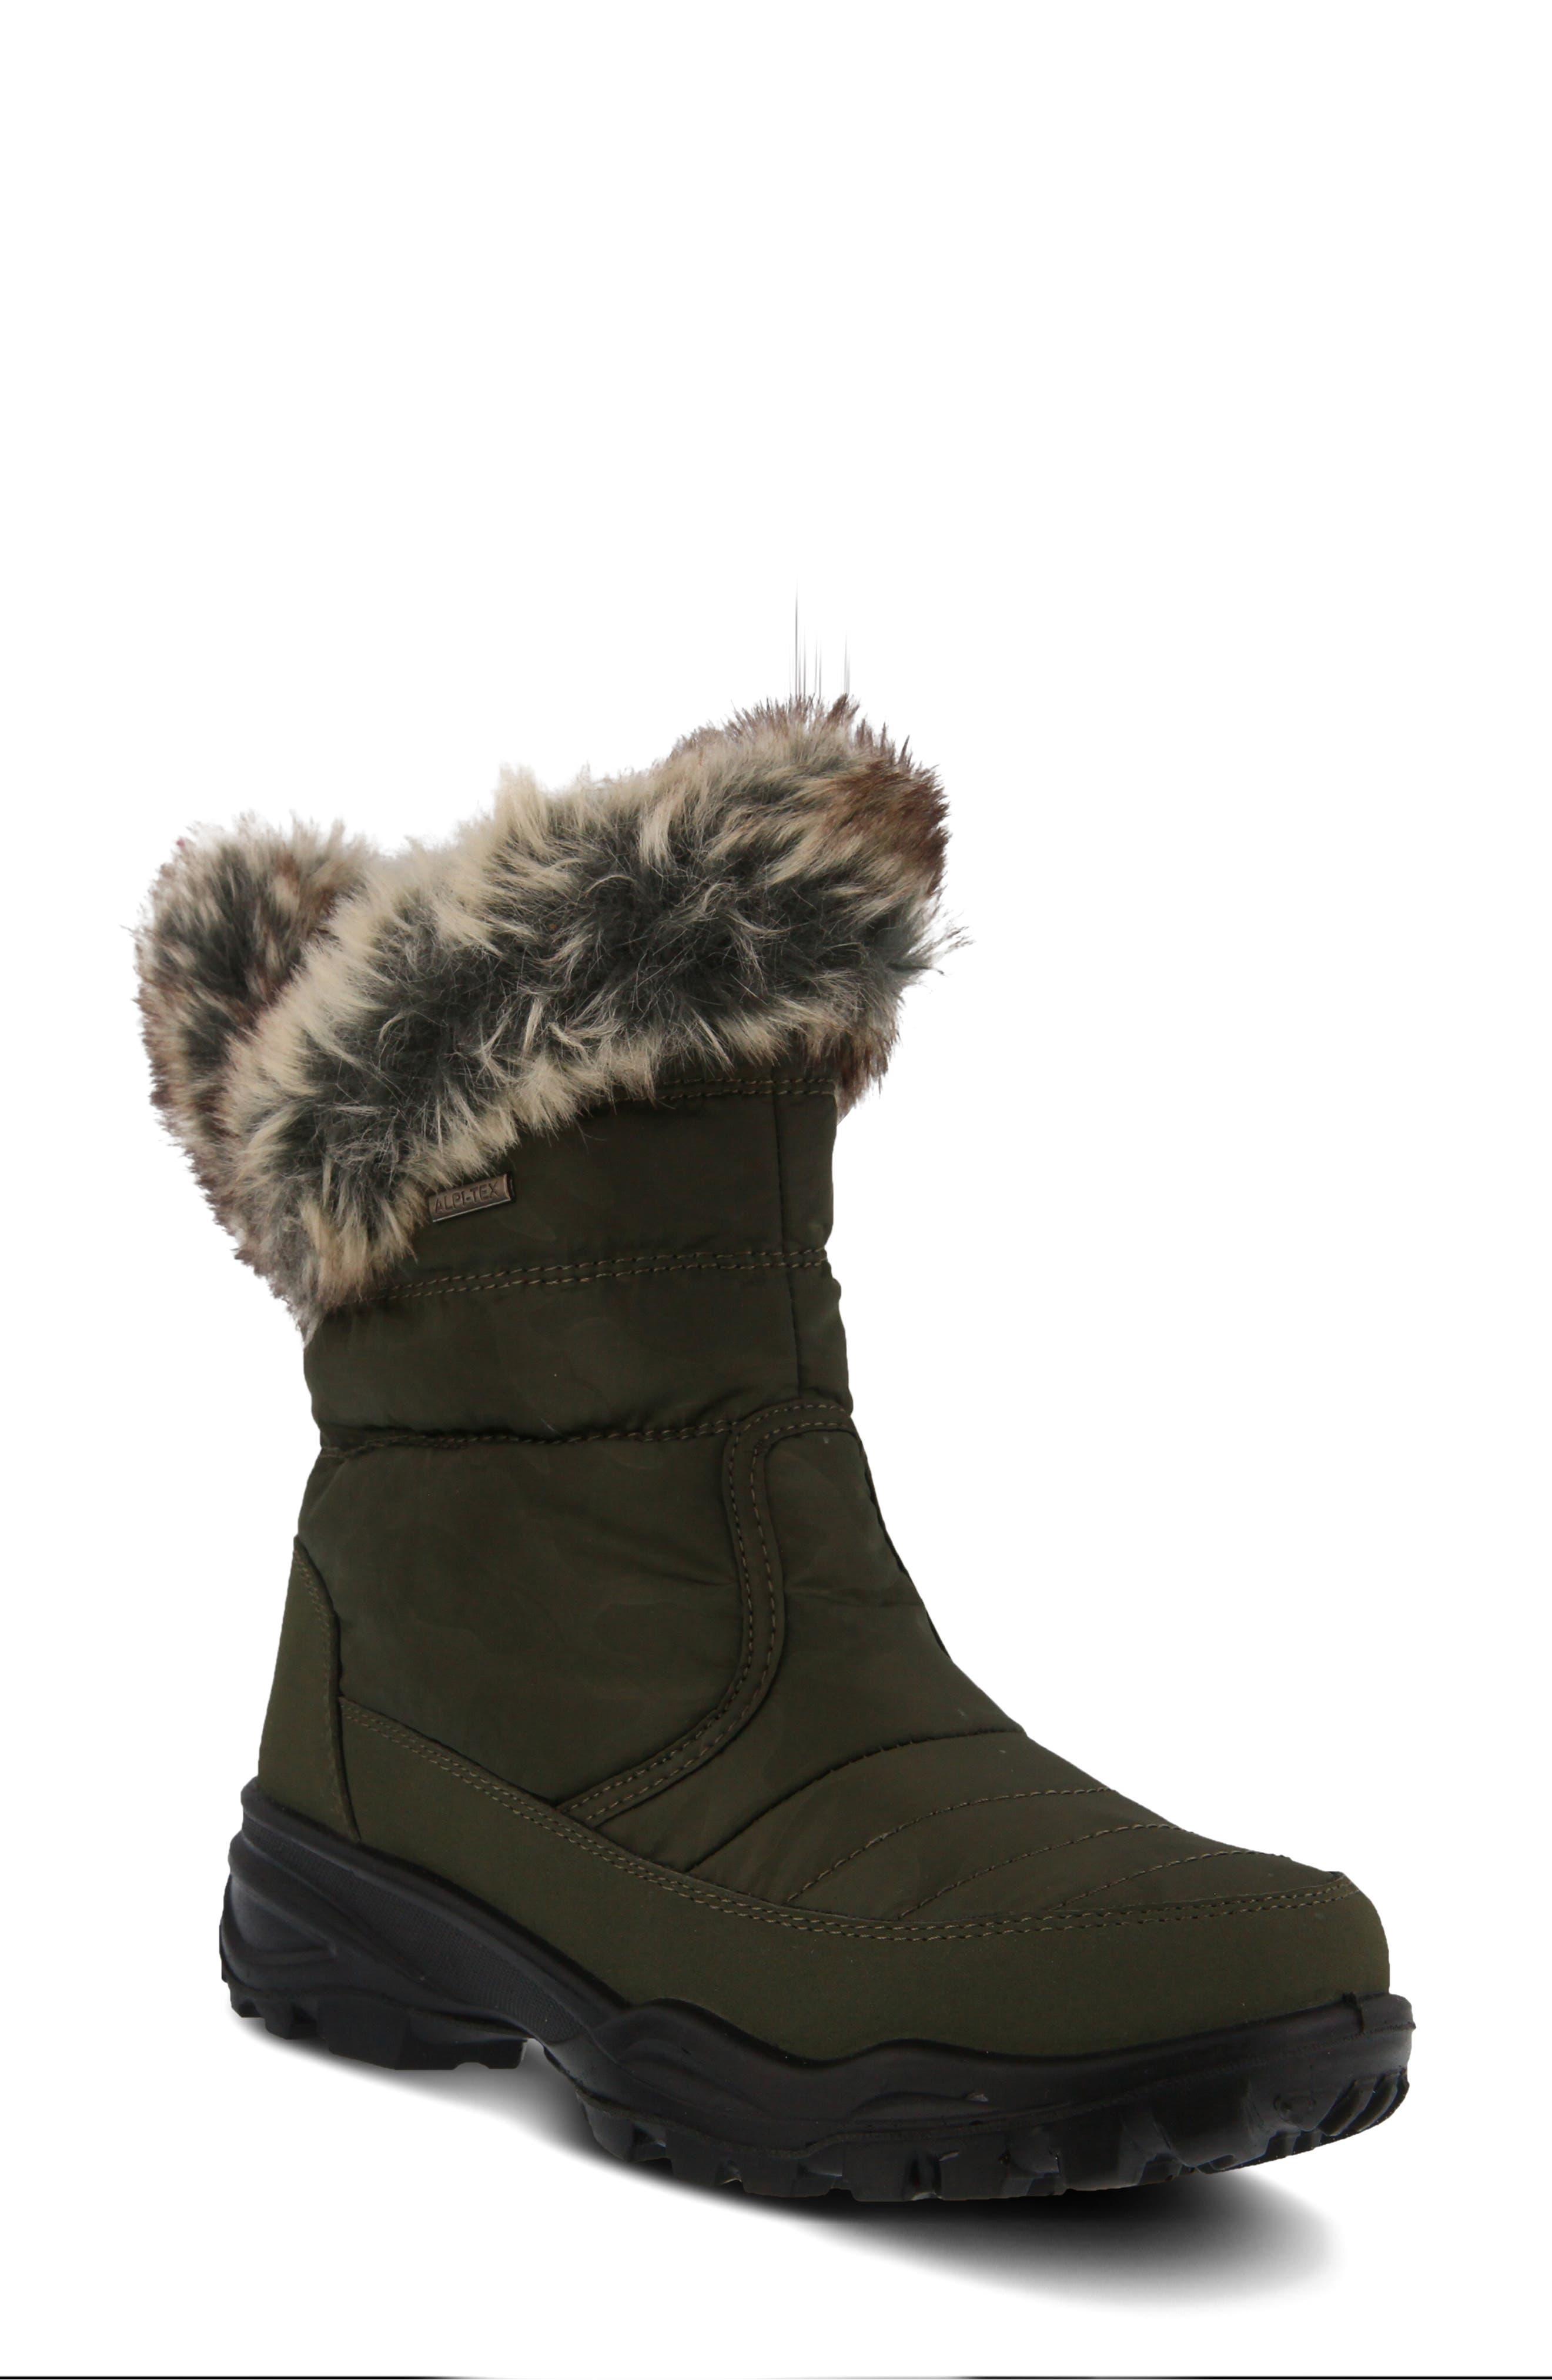 Spring Step Korine Waterproof Faux Fur Bootie - Green